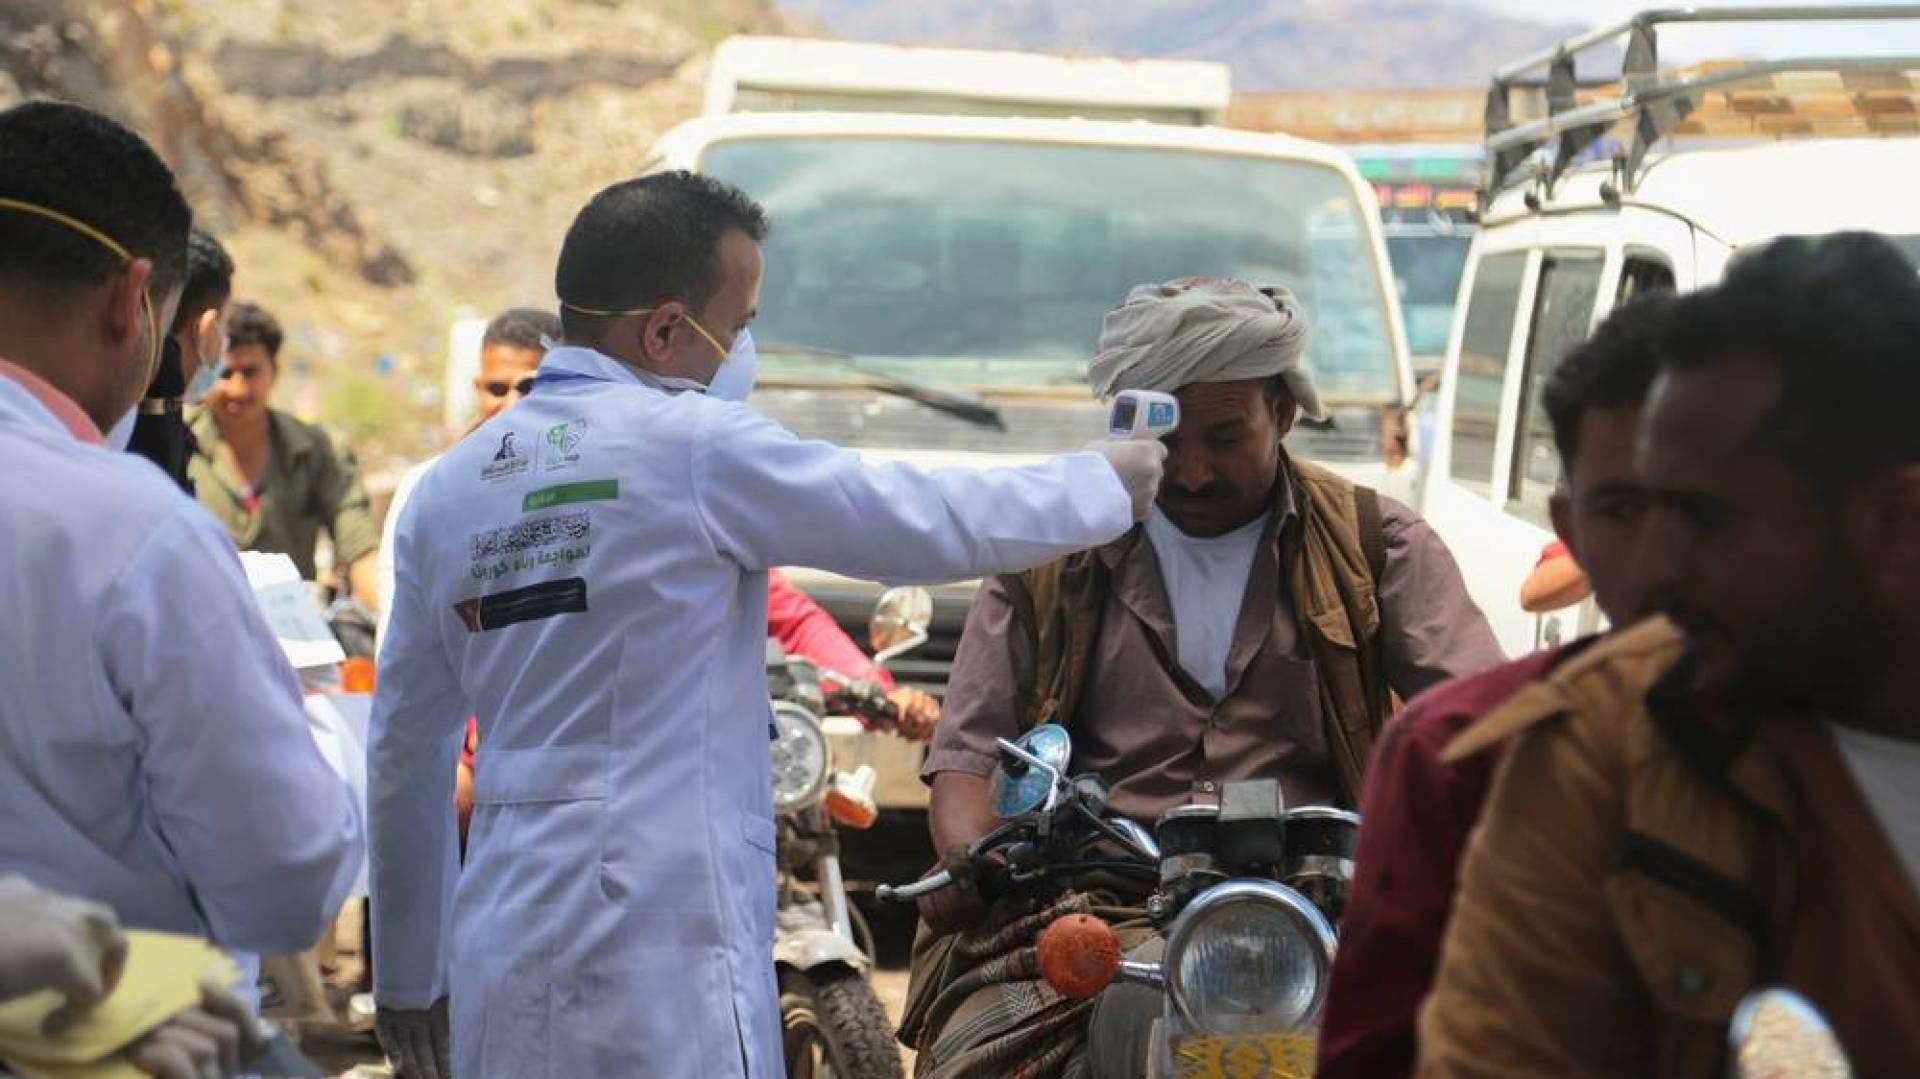 بعد إعلان أول إصابة بكورونا في اليمن.. الصحة العالمية تتخذ تدابير الاحتواء السريع